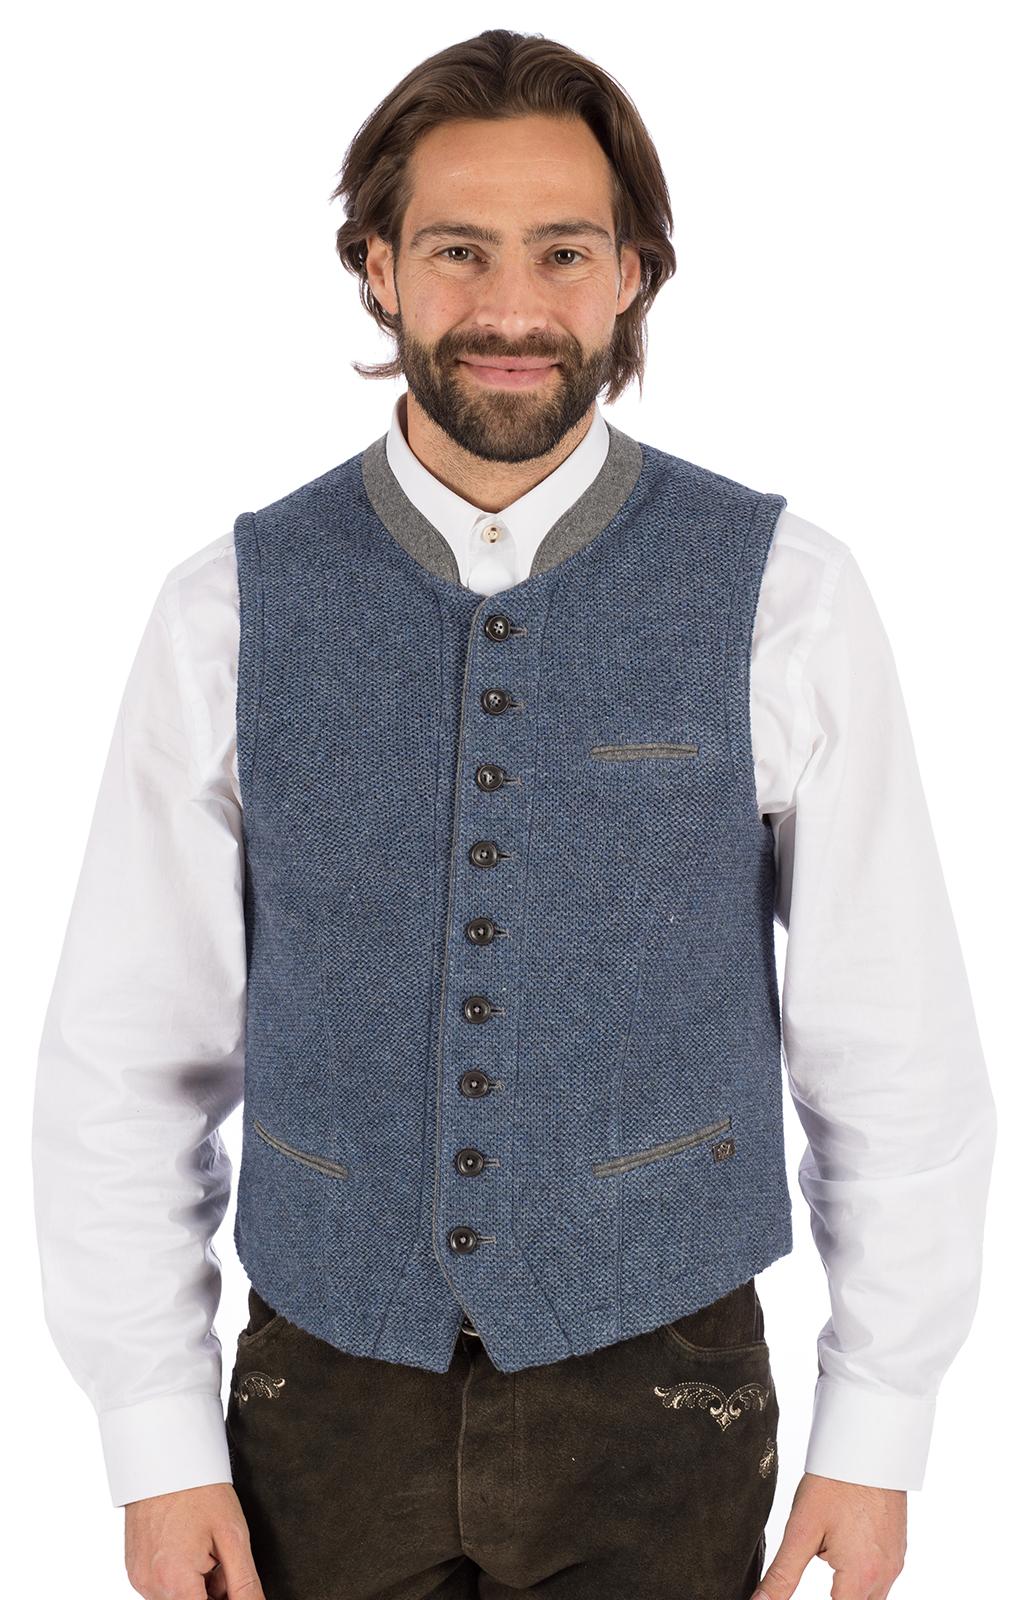 Trachtenstrickweste Stehkragen KNALLER SW jeansblau von Spieth & Wensky